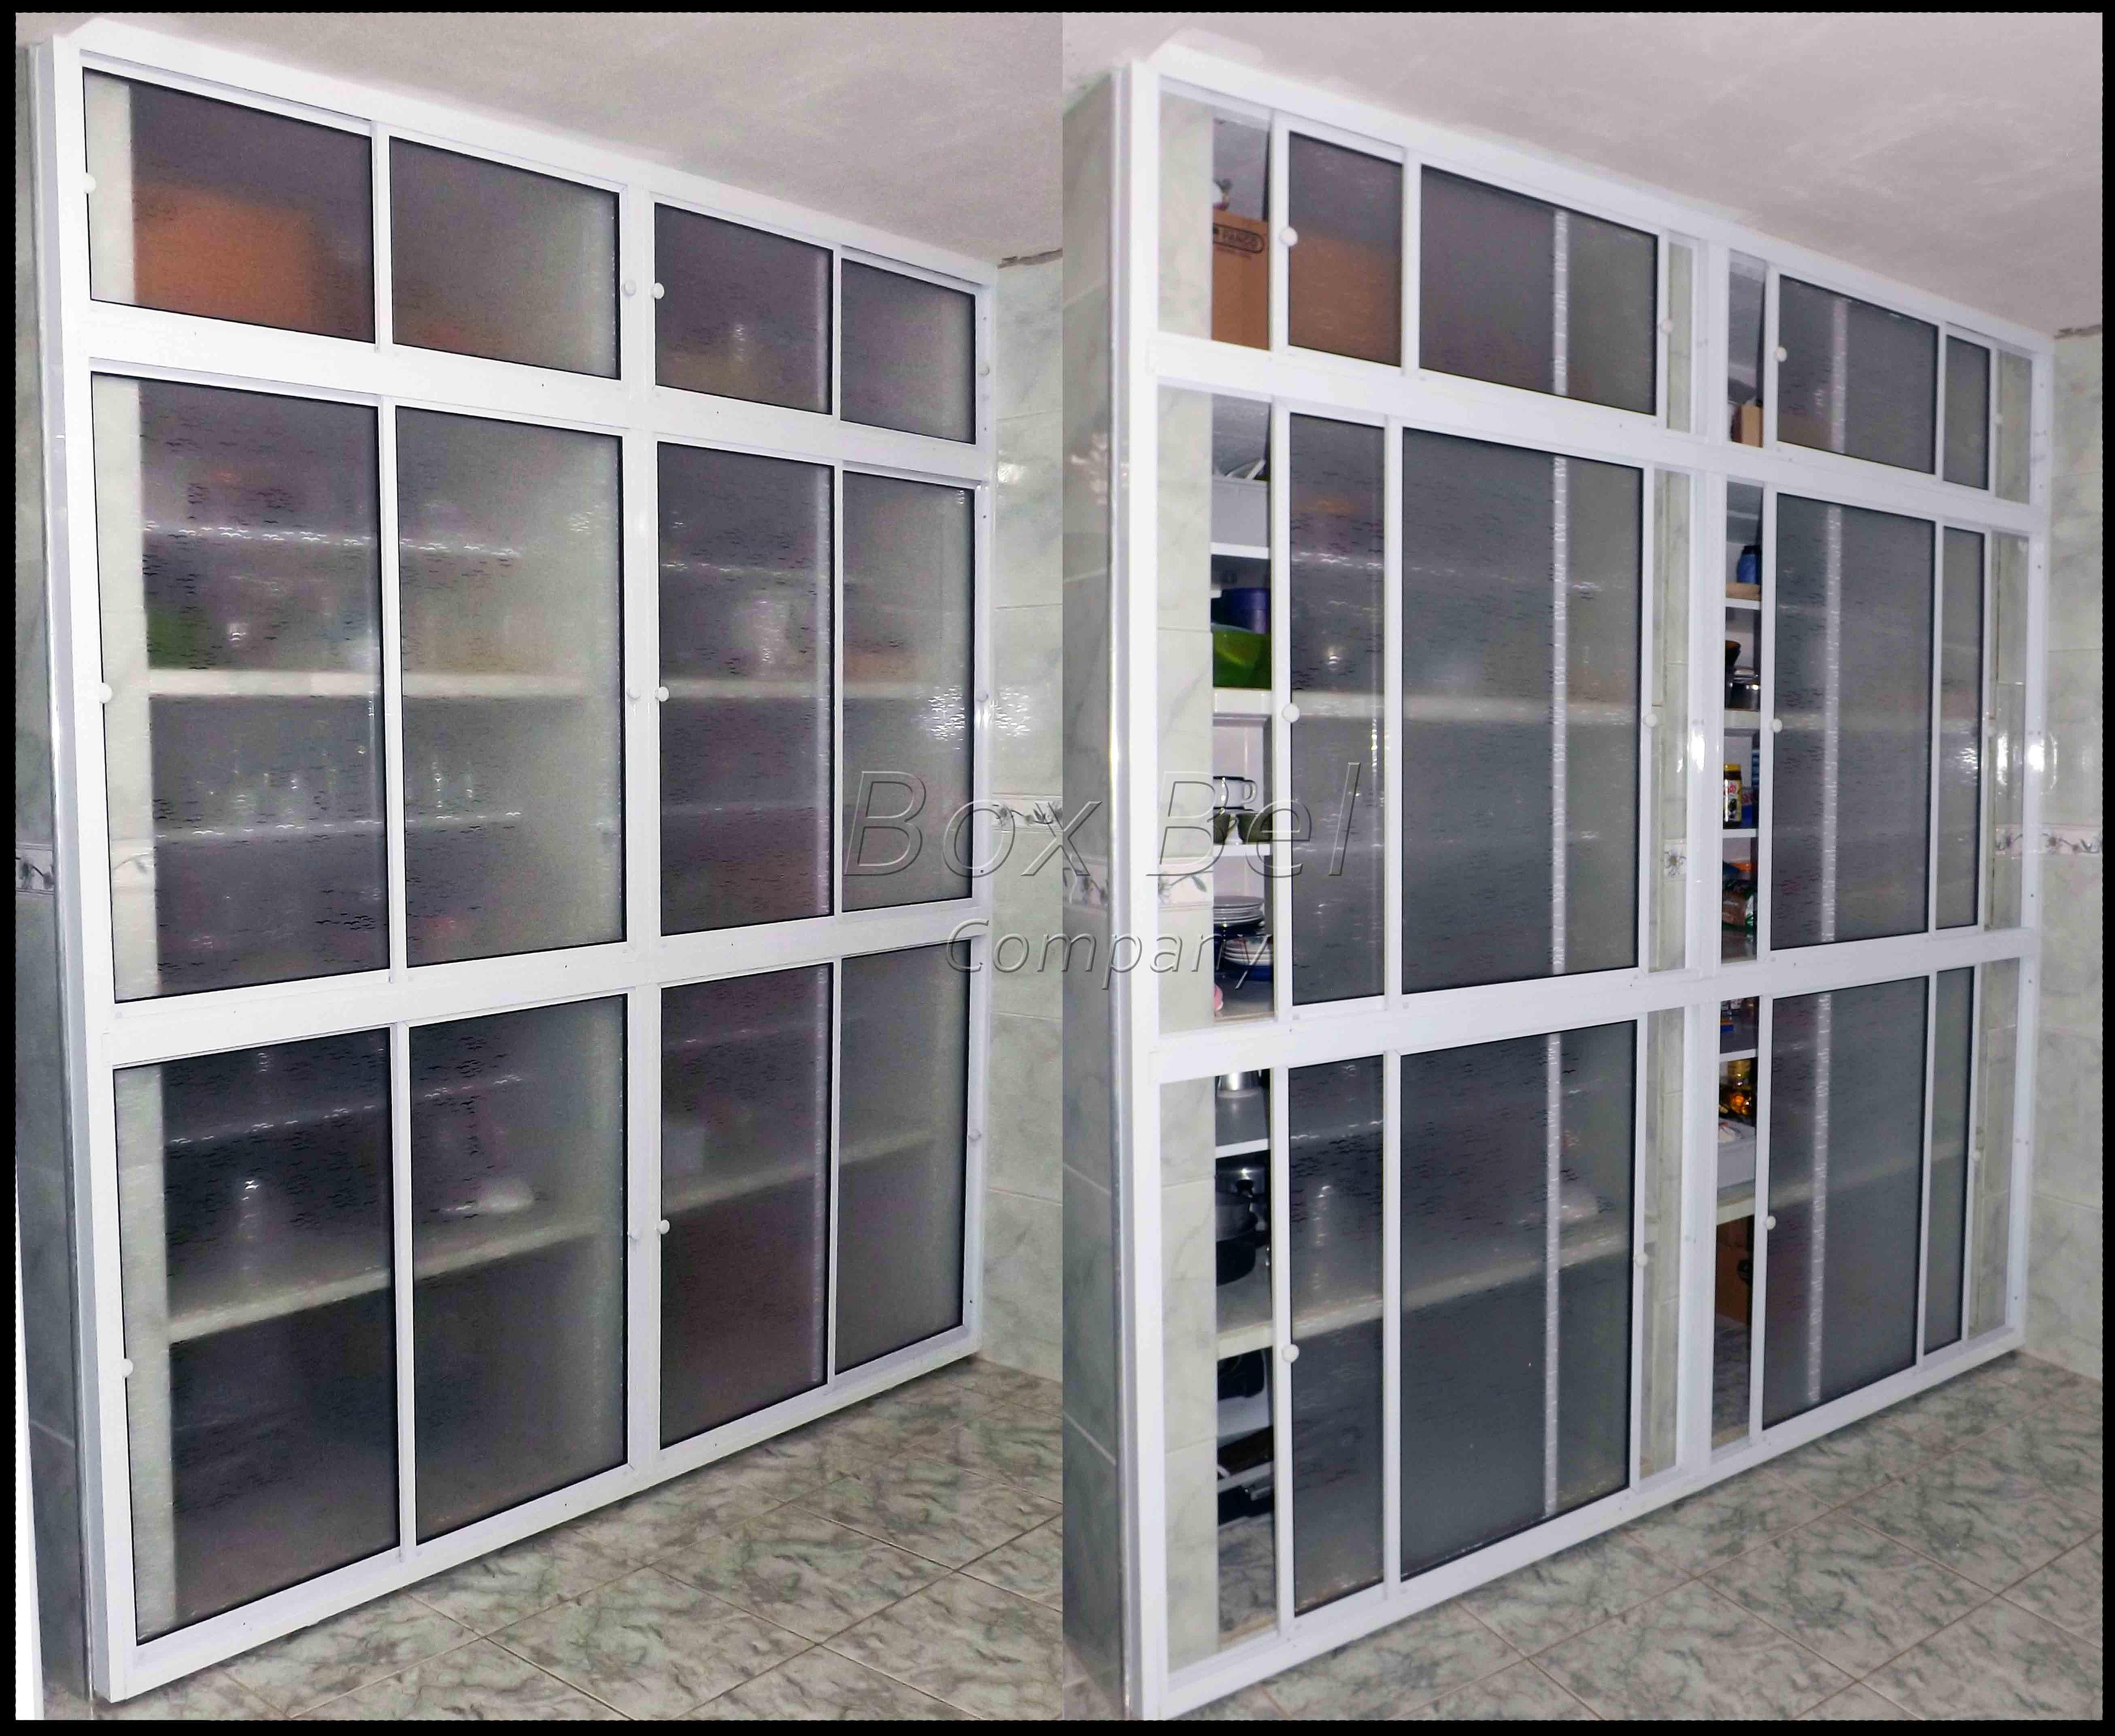 Imagens de #7F594C Em alumínio branco prateleiras MDF branca e acrílico GV cristal 5225x4288 px 3252 Box Acrilico Para Banheiro Em Santos